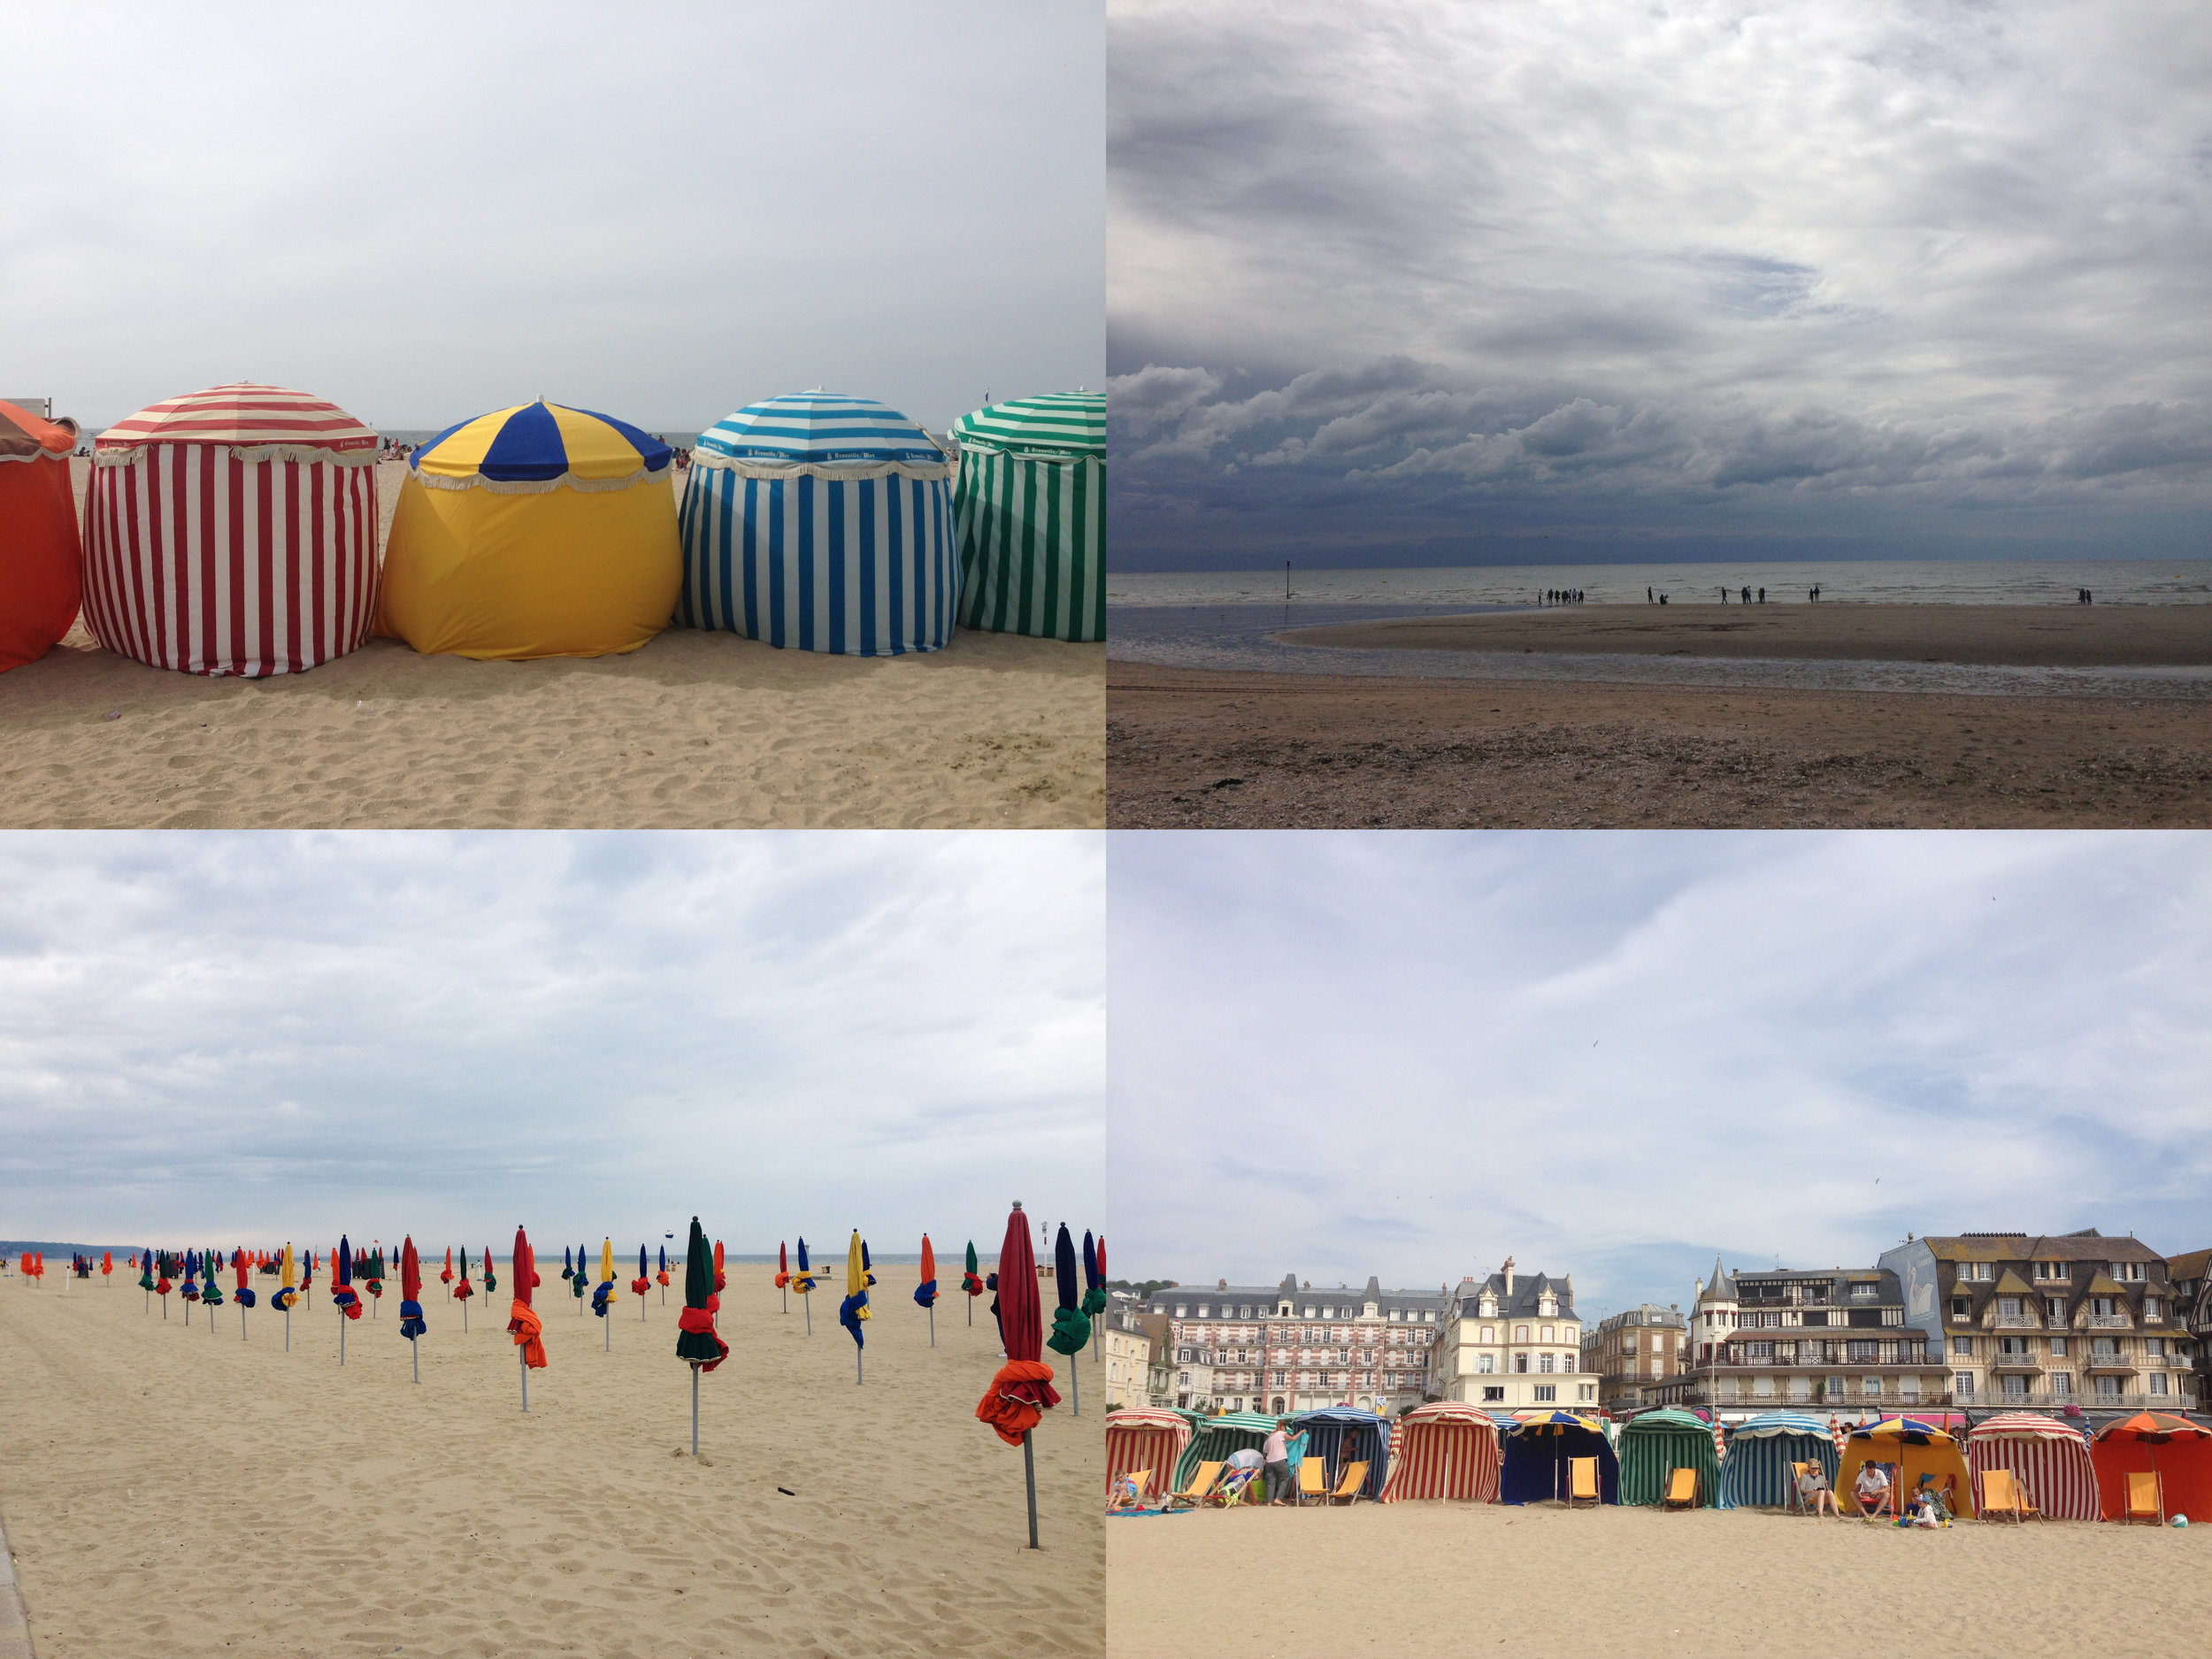 NORMANDY-DEAUVILLE-BEACH